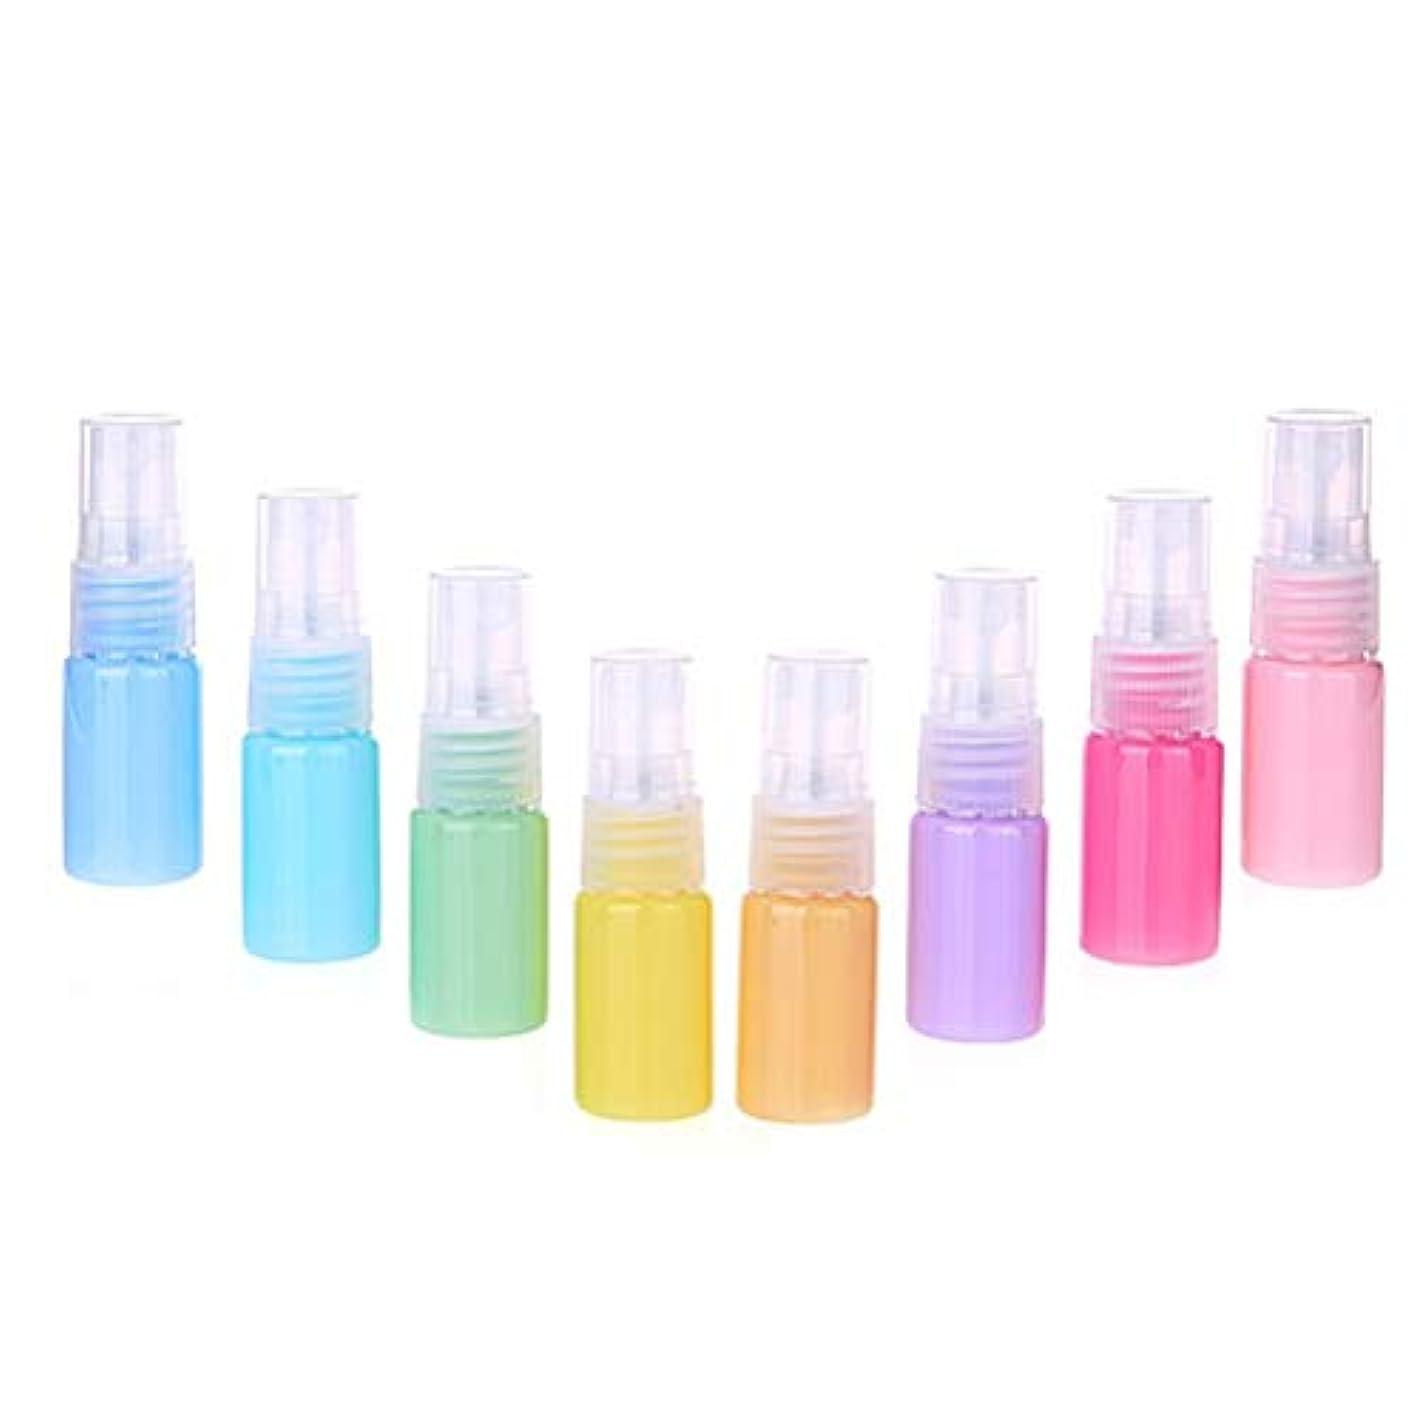 衣類セレナ情緒的Frcolor 8ピース 30ml スプレー空ボトル カラフルな 耐久性 収納ボトル 化粧品水 旅行アクセサリー (混合色)